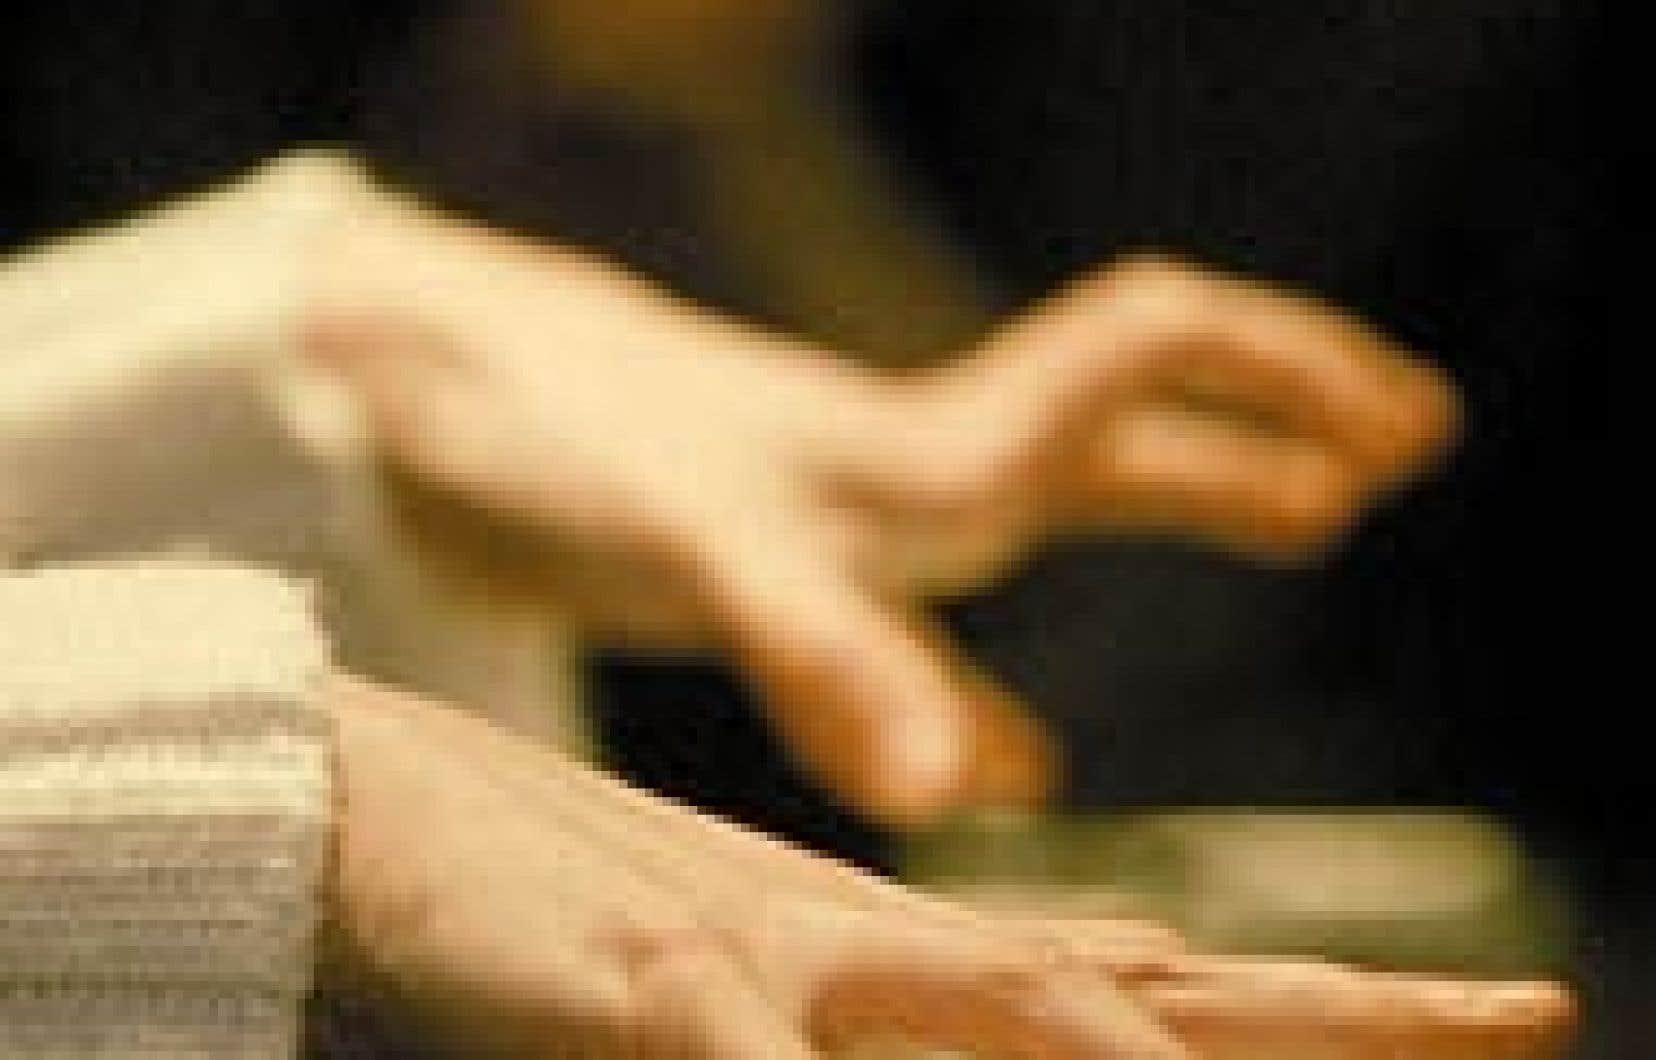 «Lorsque l'interprète joue une partition, pense-t-il à la prochaine mesure ou au prochain temps?»